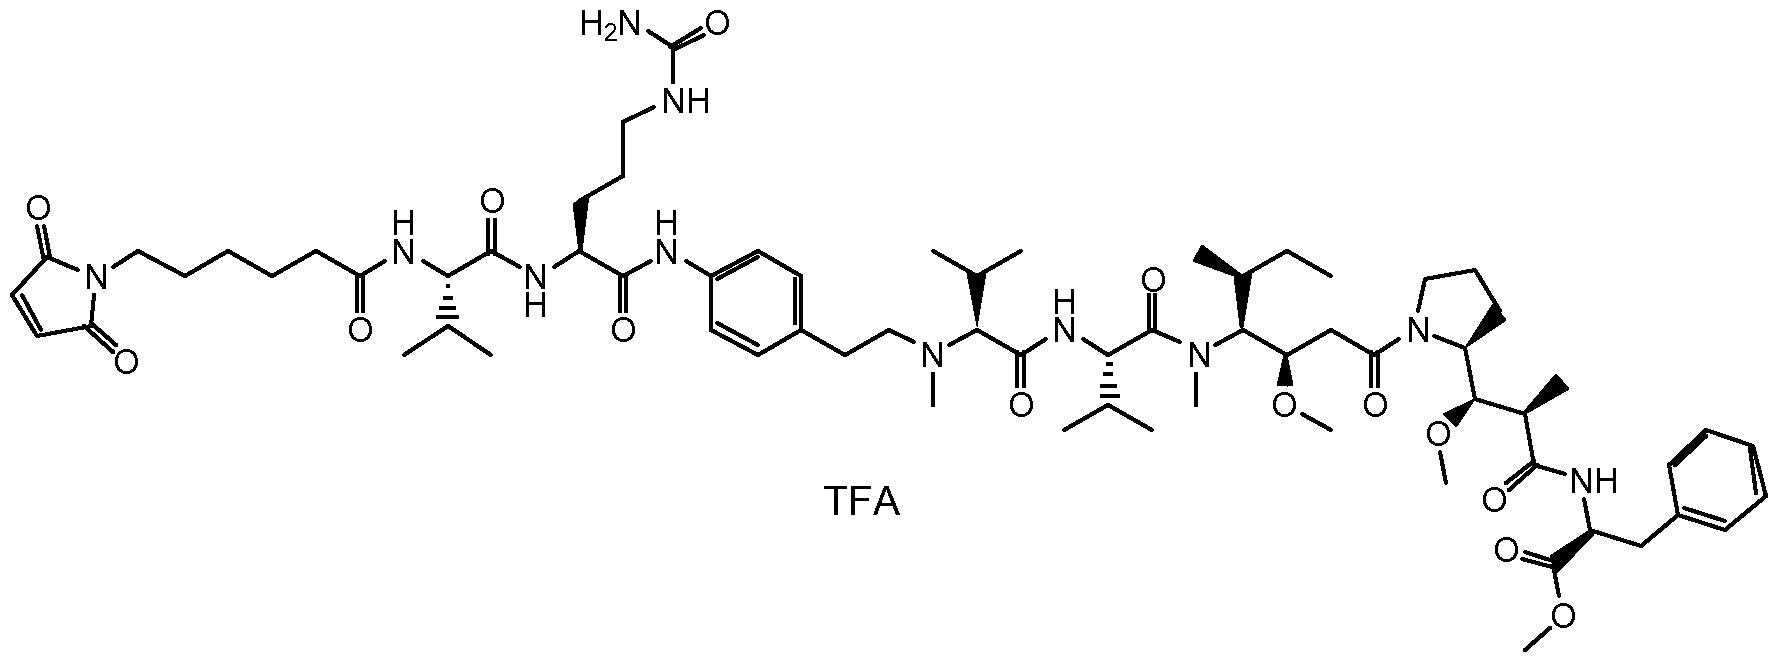 Figure imgf000173_0001